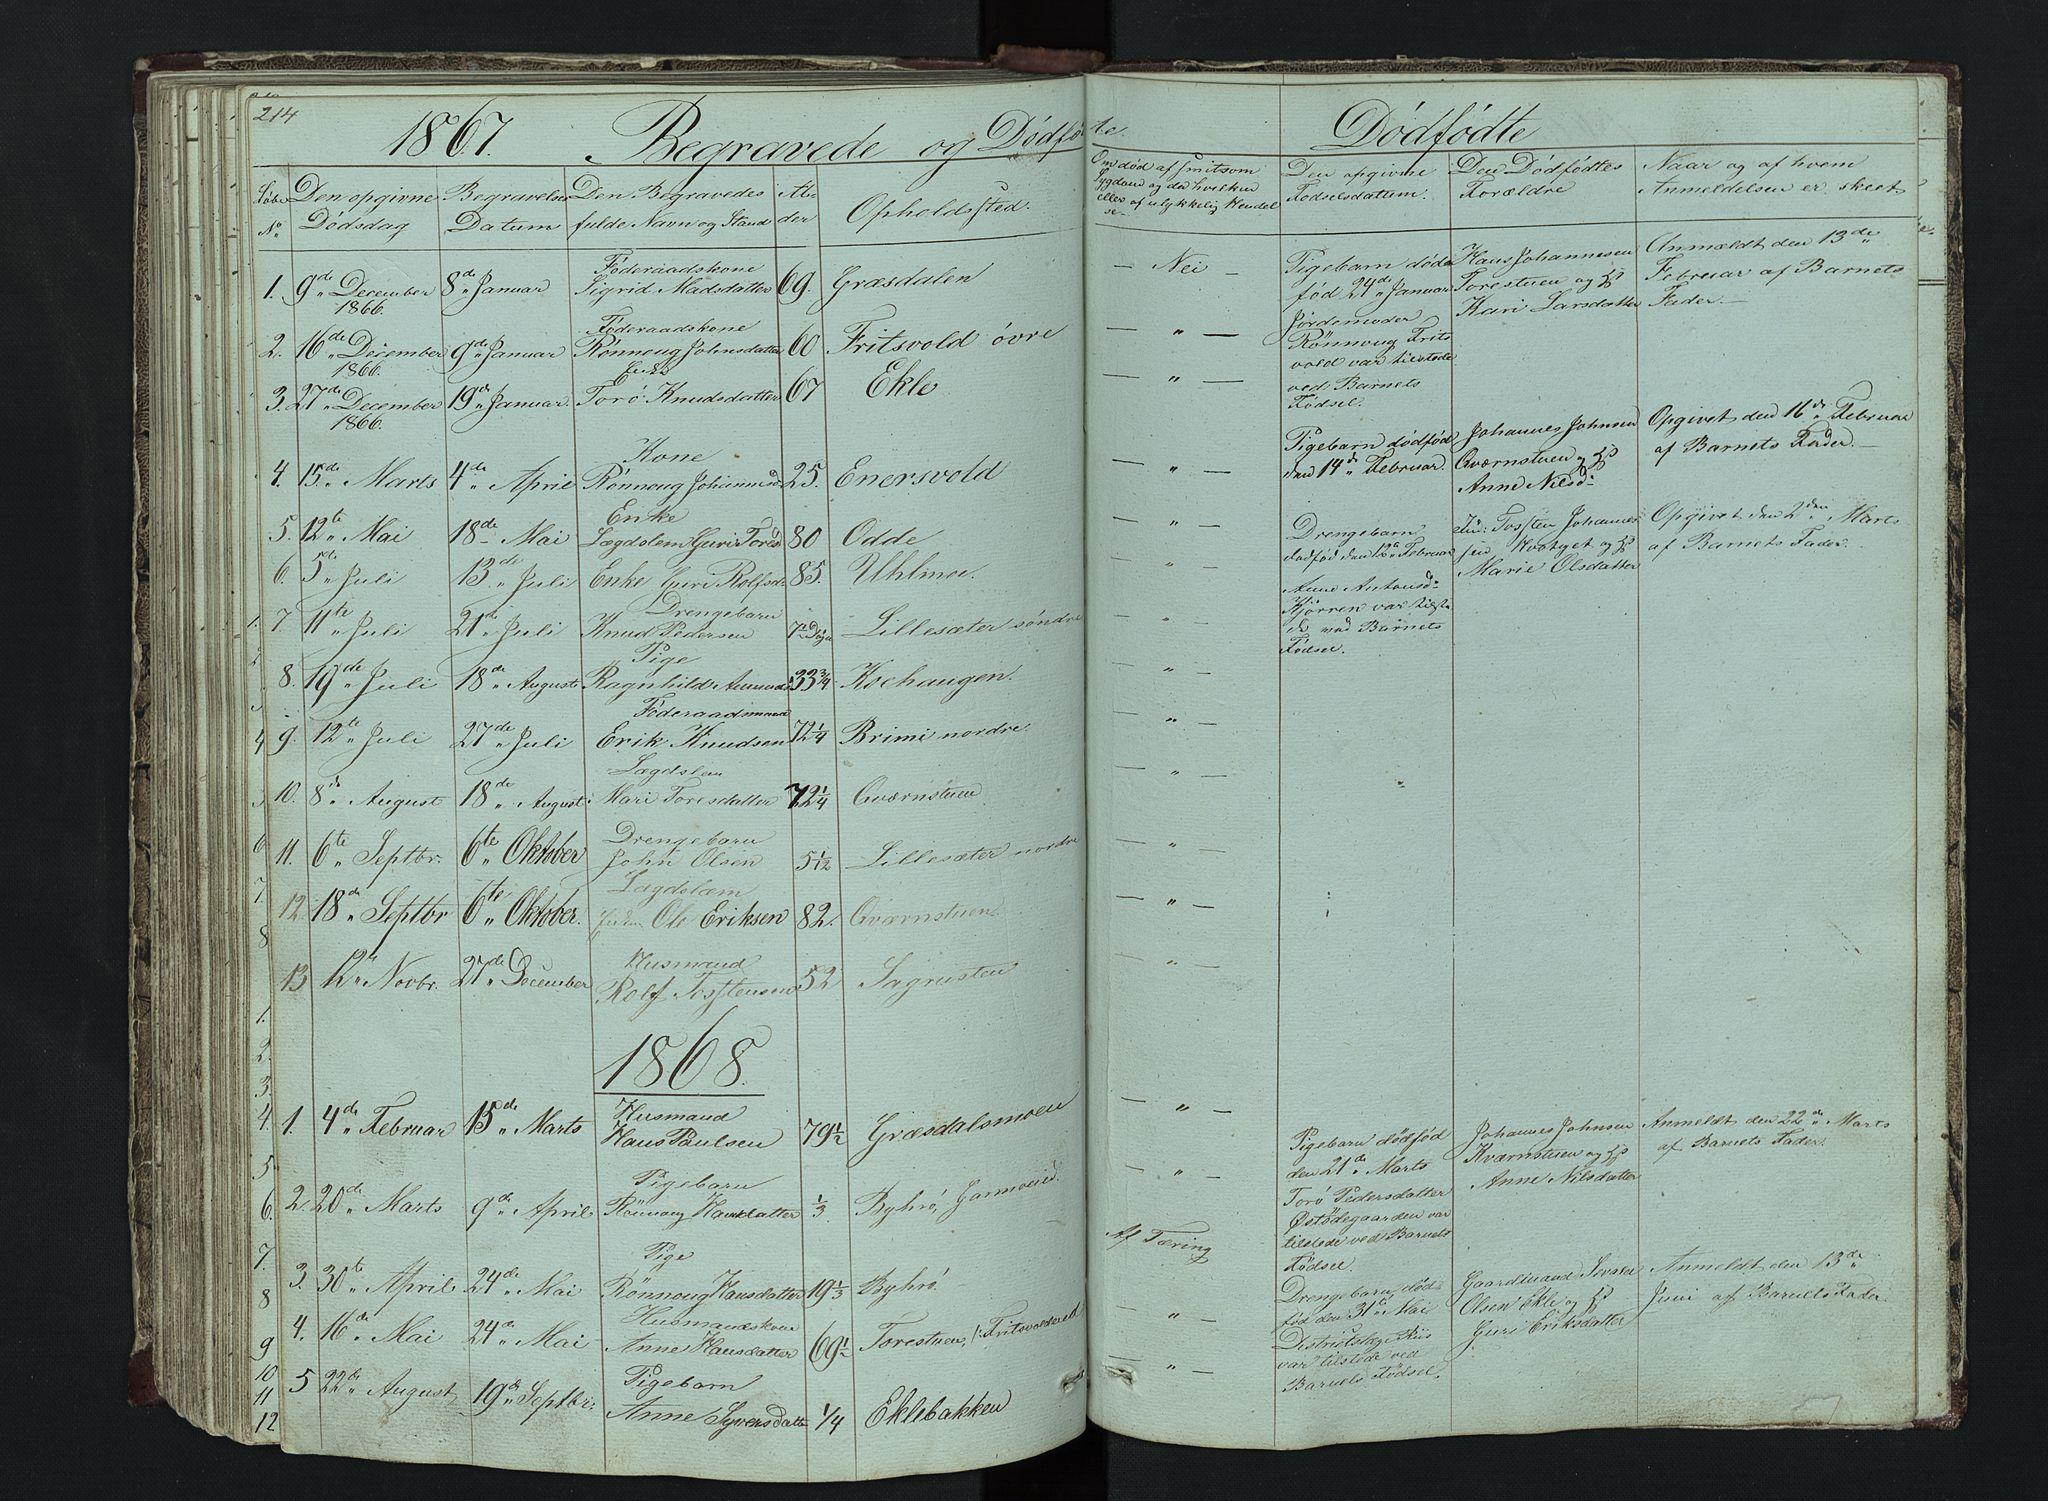 SAH, Lom prestekontor, L/L0014: Klokkerbok nr. 14, 1845-1876, s. 214-215